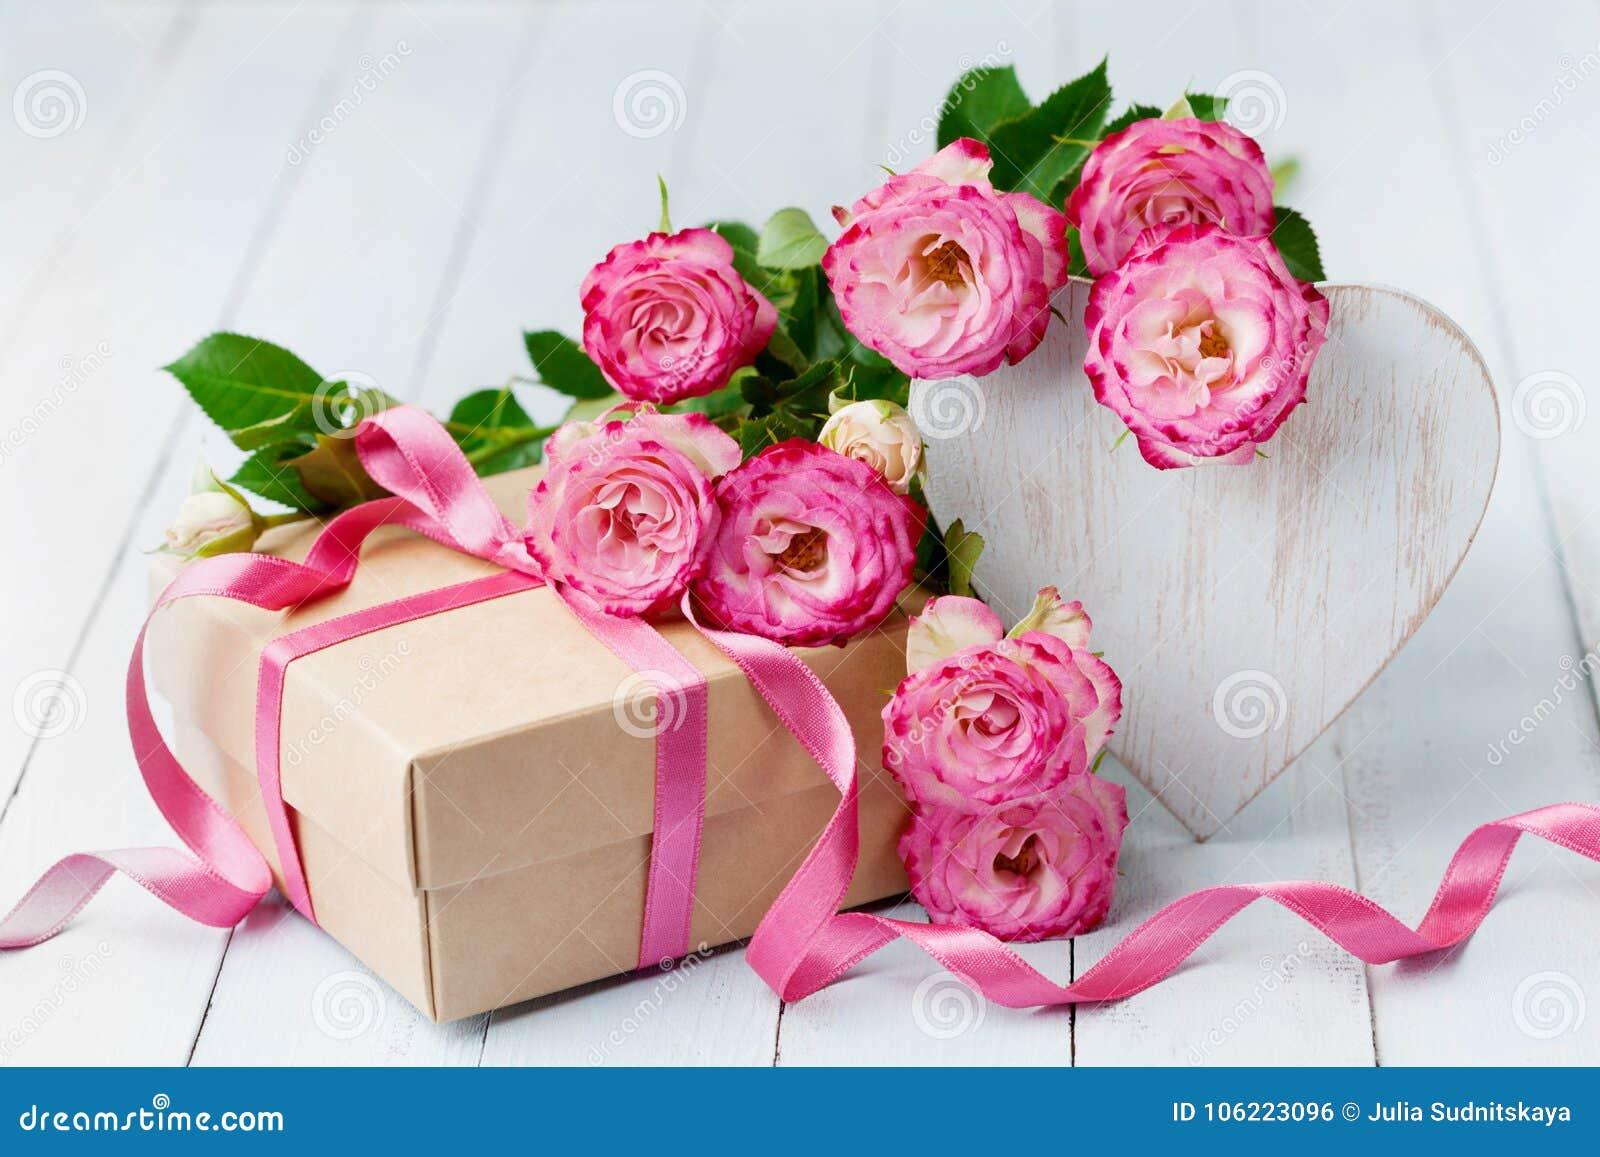 Fleurs De Rose Coeur En Bois Et Boite Cadeau Sur La Table Rustique